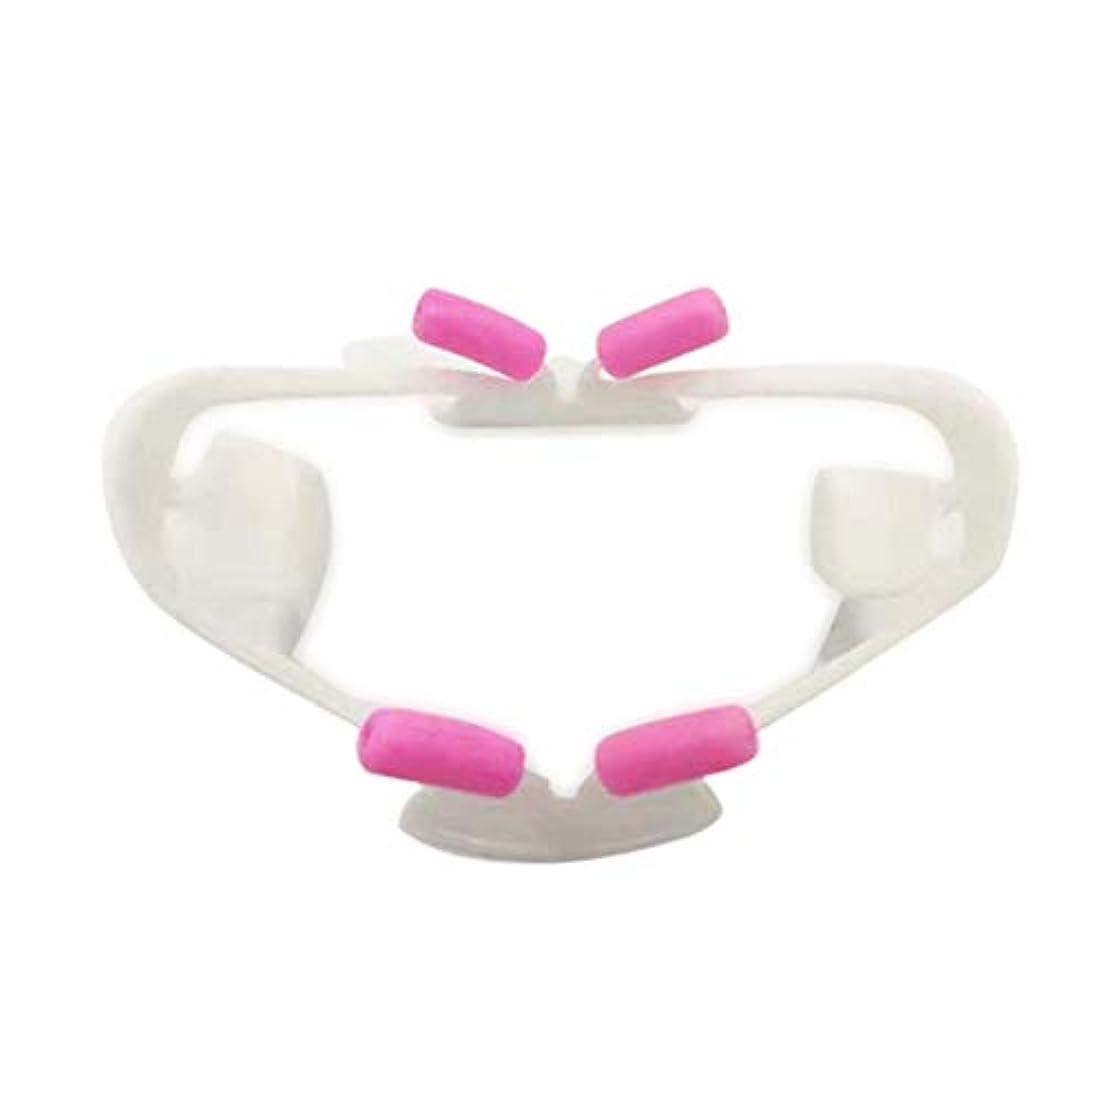 近くアトム火曜日HEALIFTY 3D歯科矯正歯科口腔内チークリップリトラクター口プロップオープナーS